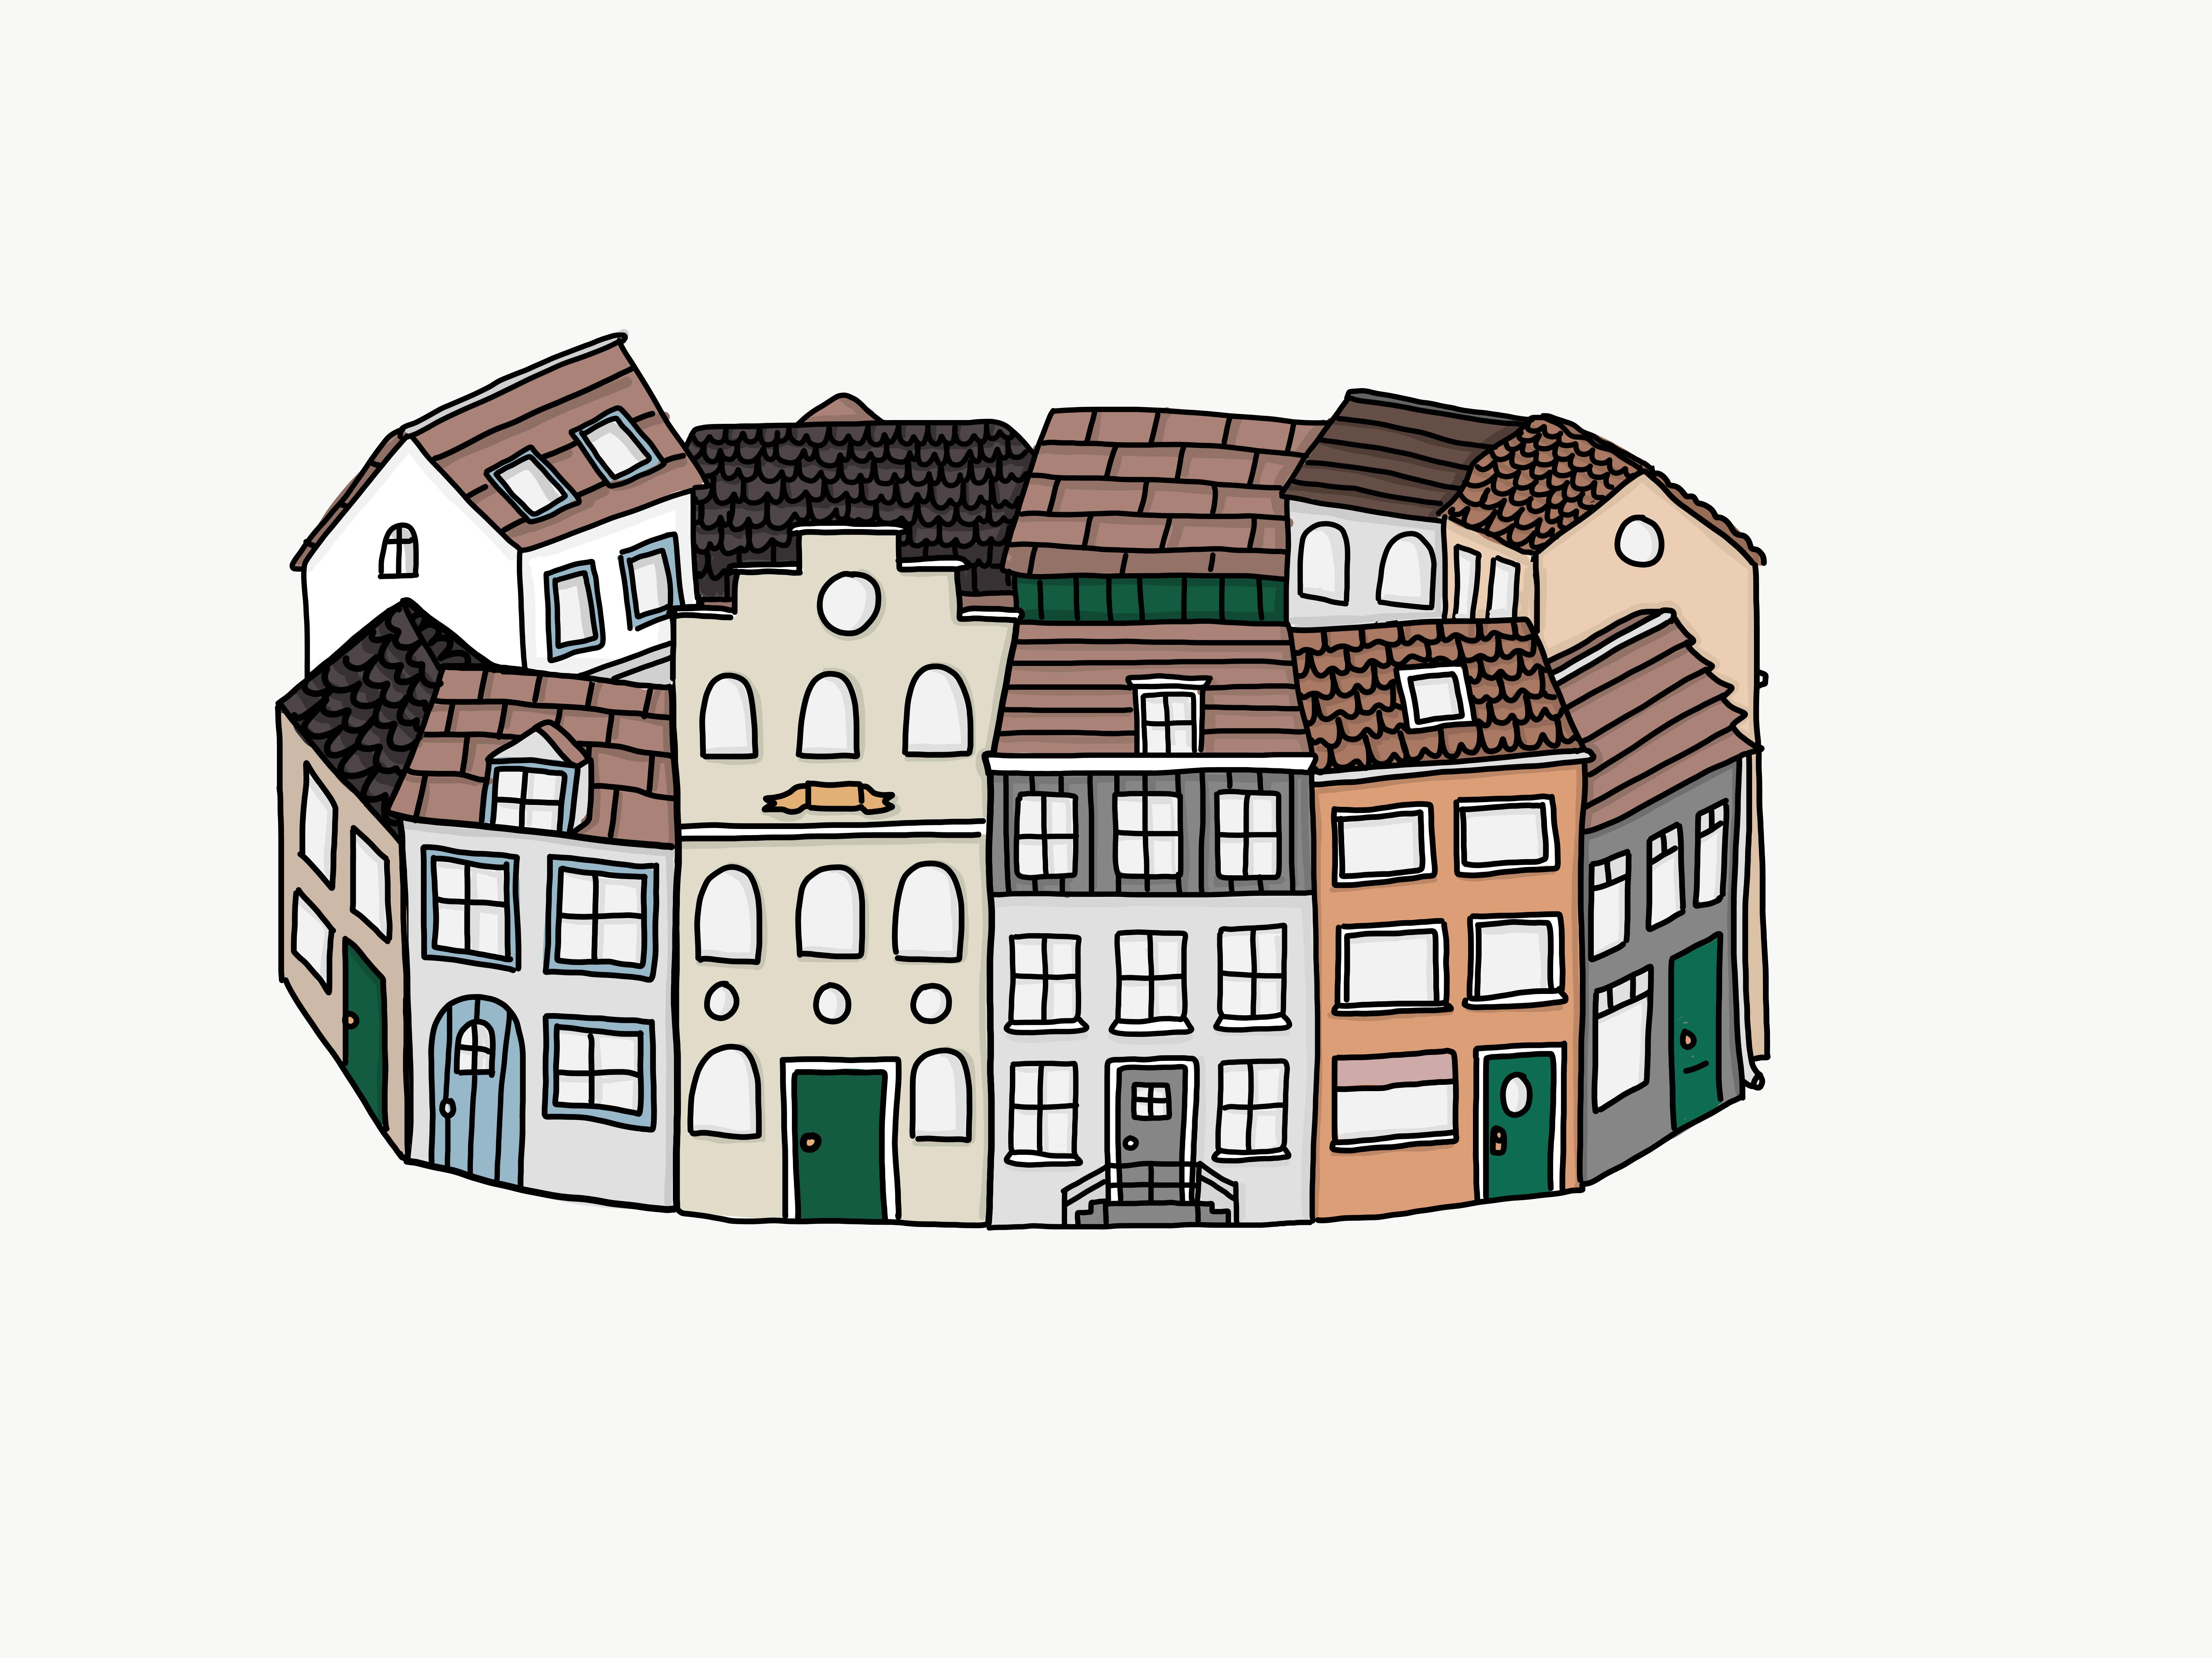 rondje huizen